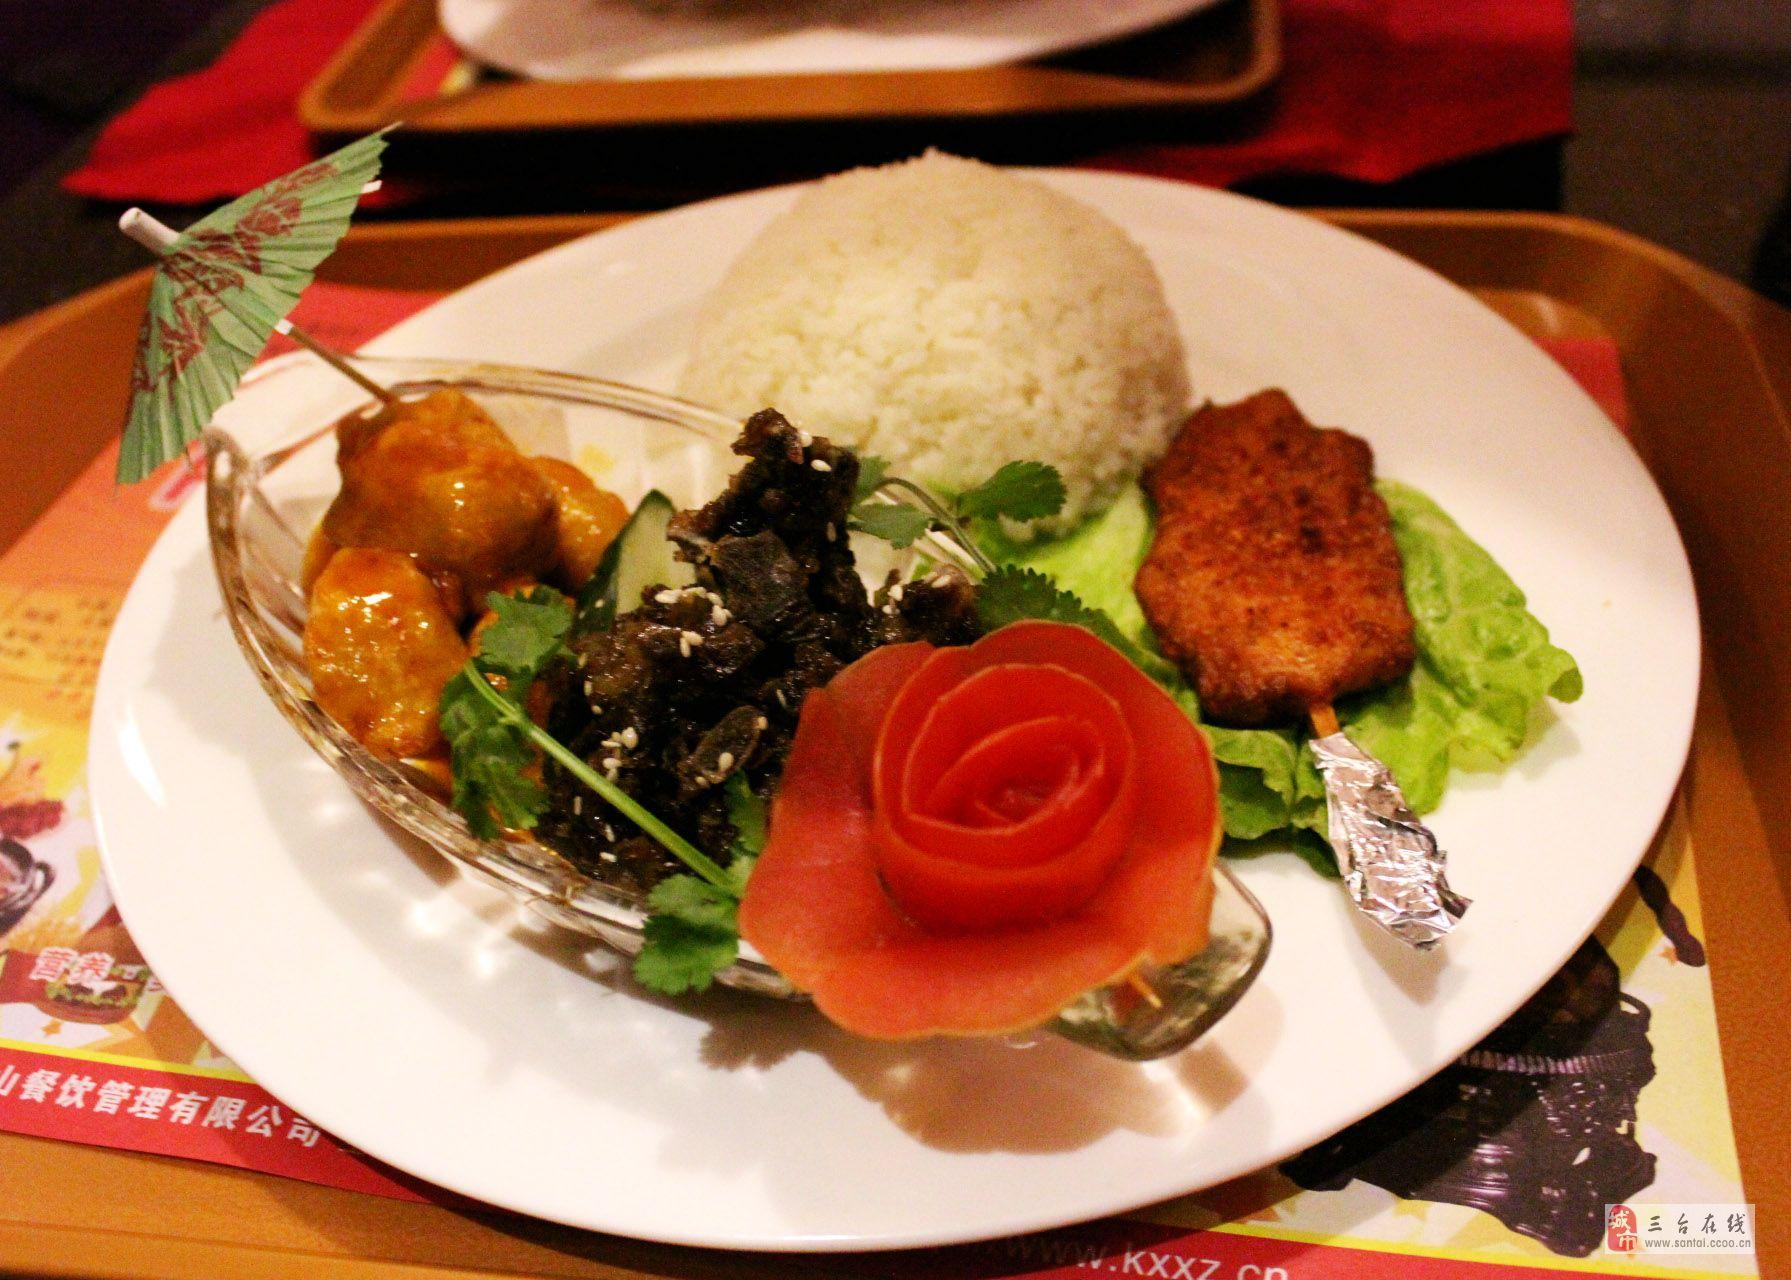 开心小站休闲茶餐厅,情人节促销活动!